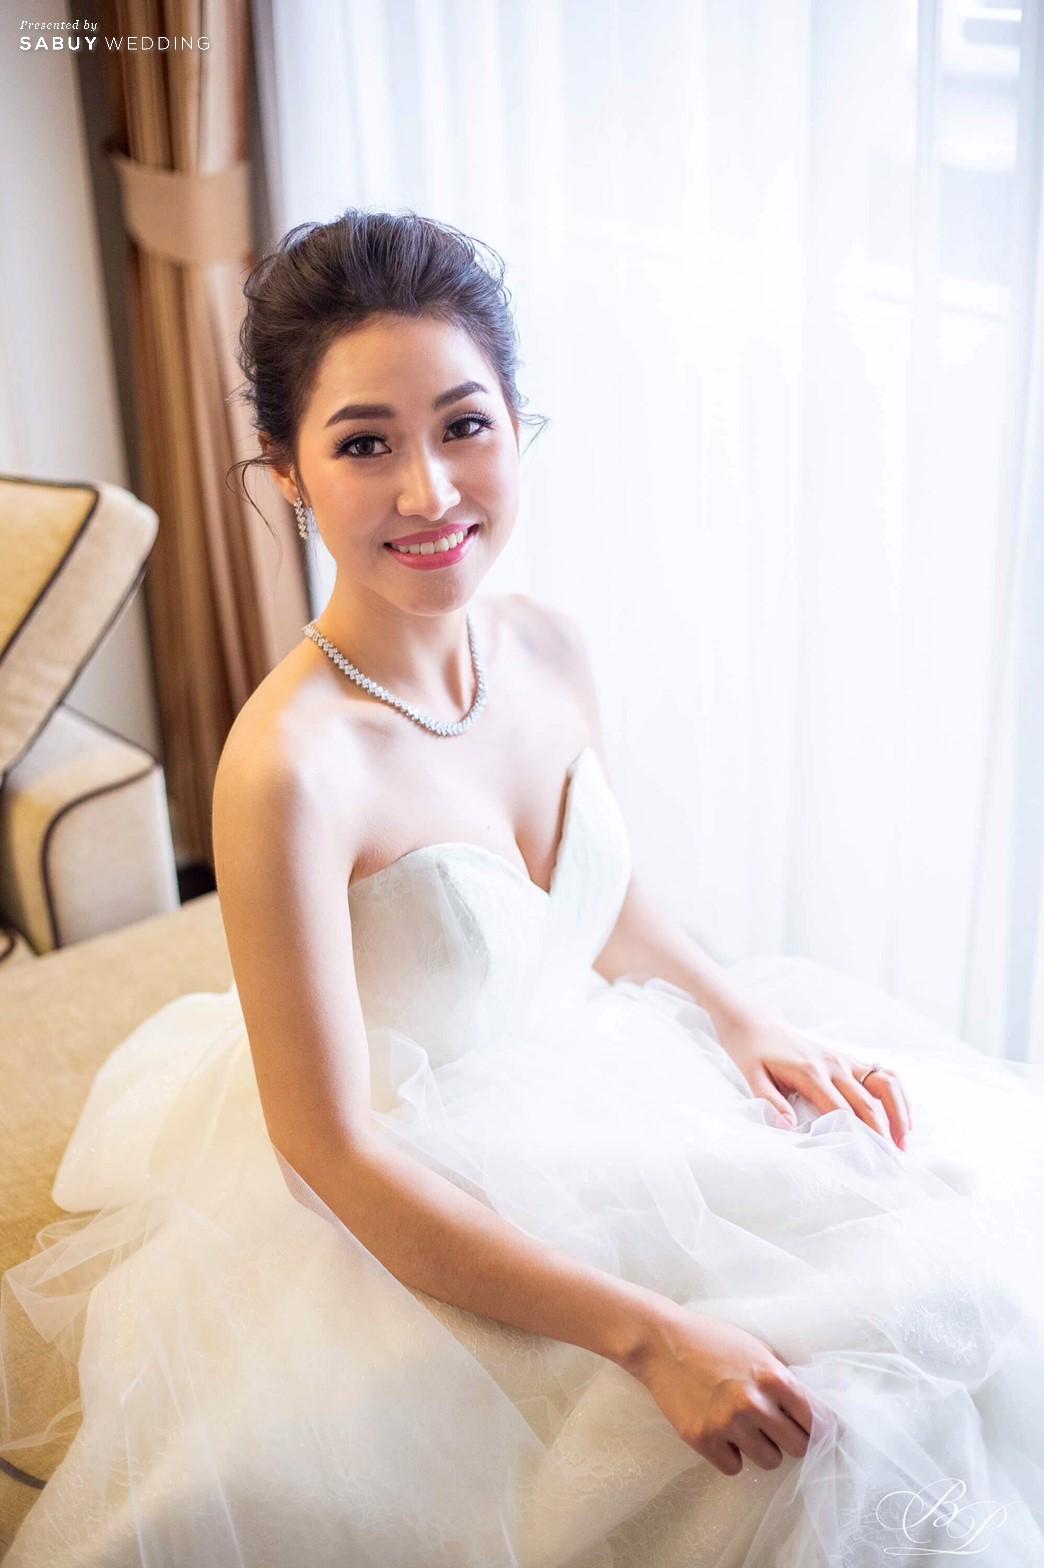 เจ้าสาว,ชุดแต่งงาน รีวิวงานแต่ง Backdrop สวนสวย ด้วยห้องจัดเลี้ยงแสงธรรมชาติ @ Bliston Suwan Park View Hotel